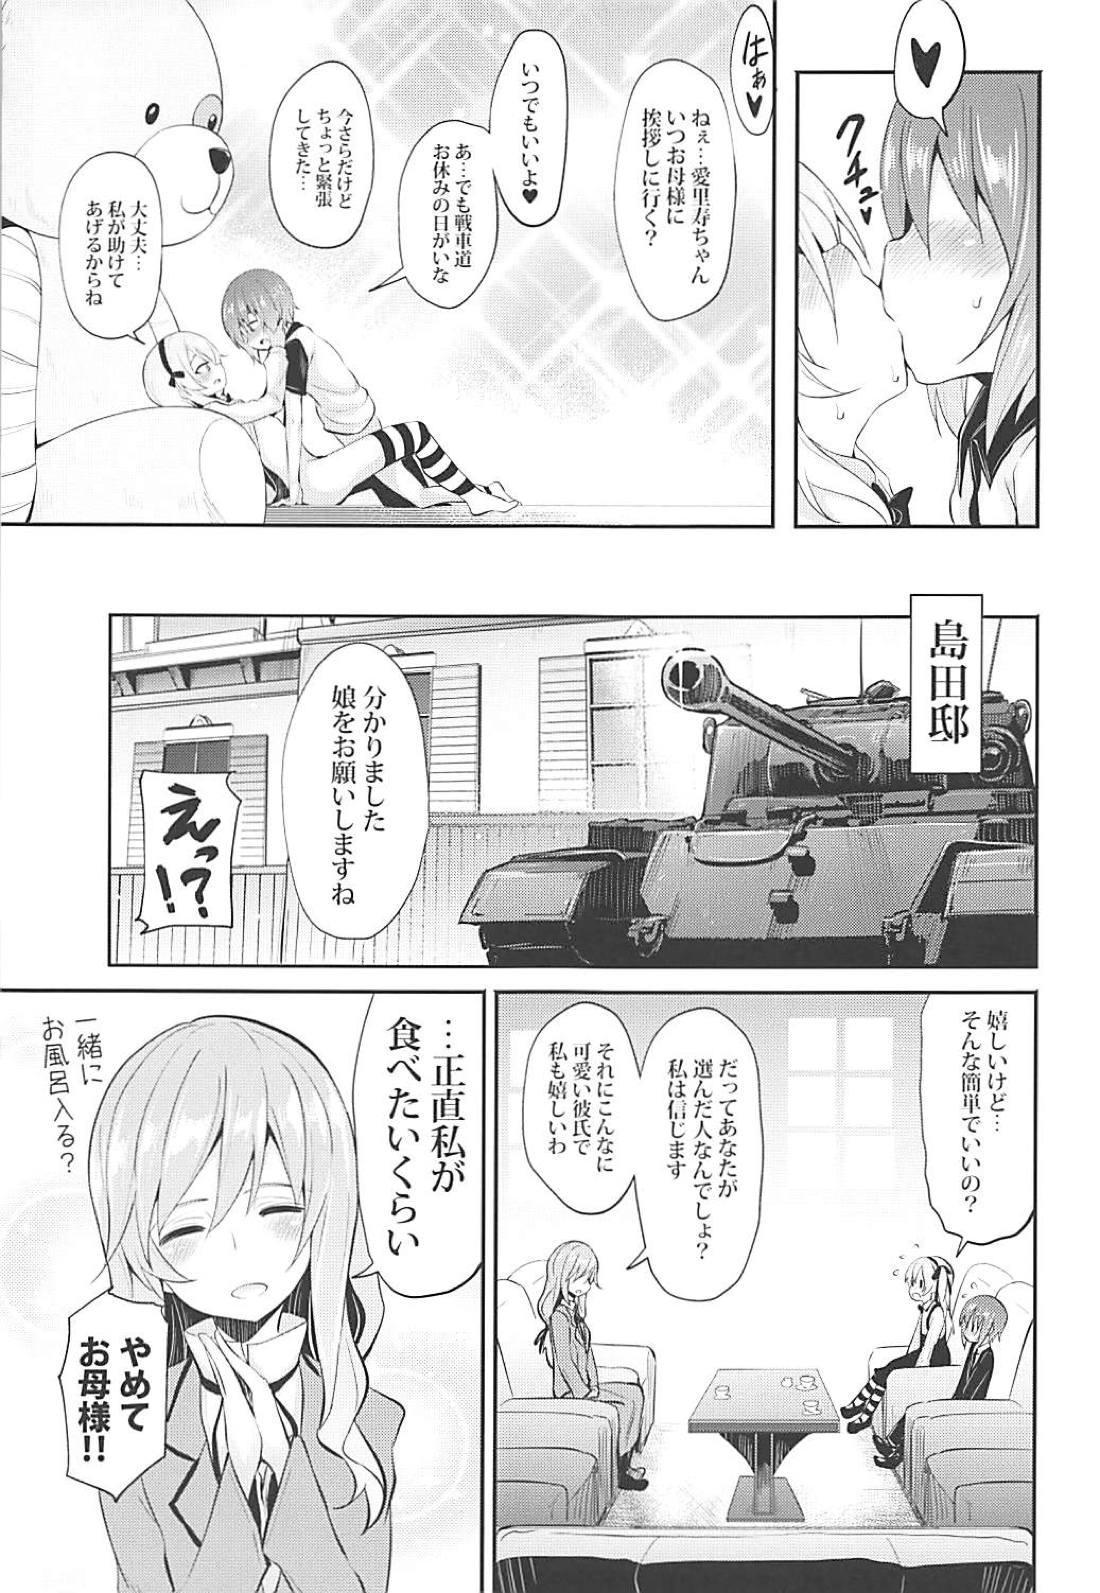 Arisu-chan ni Kokuhaku Shite Mita After 19